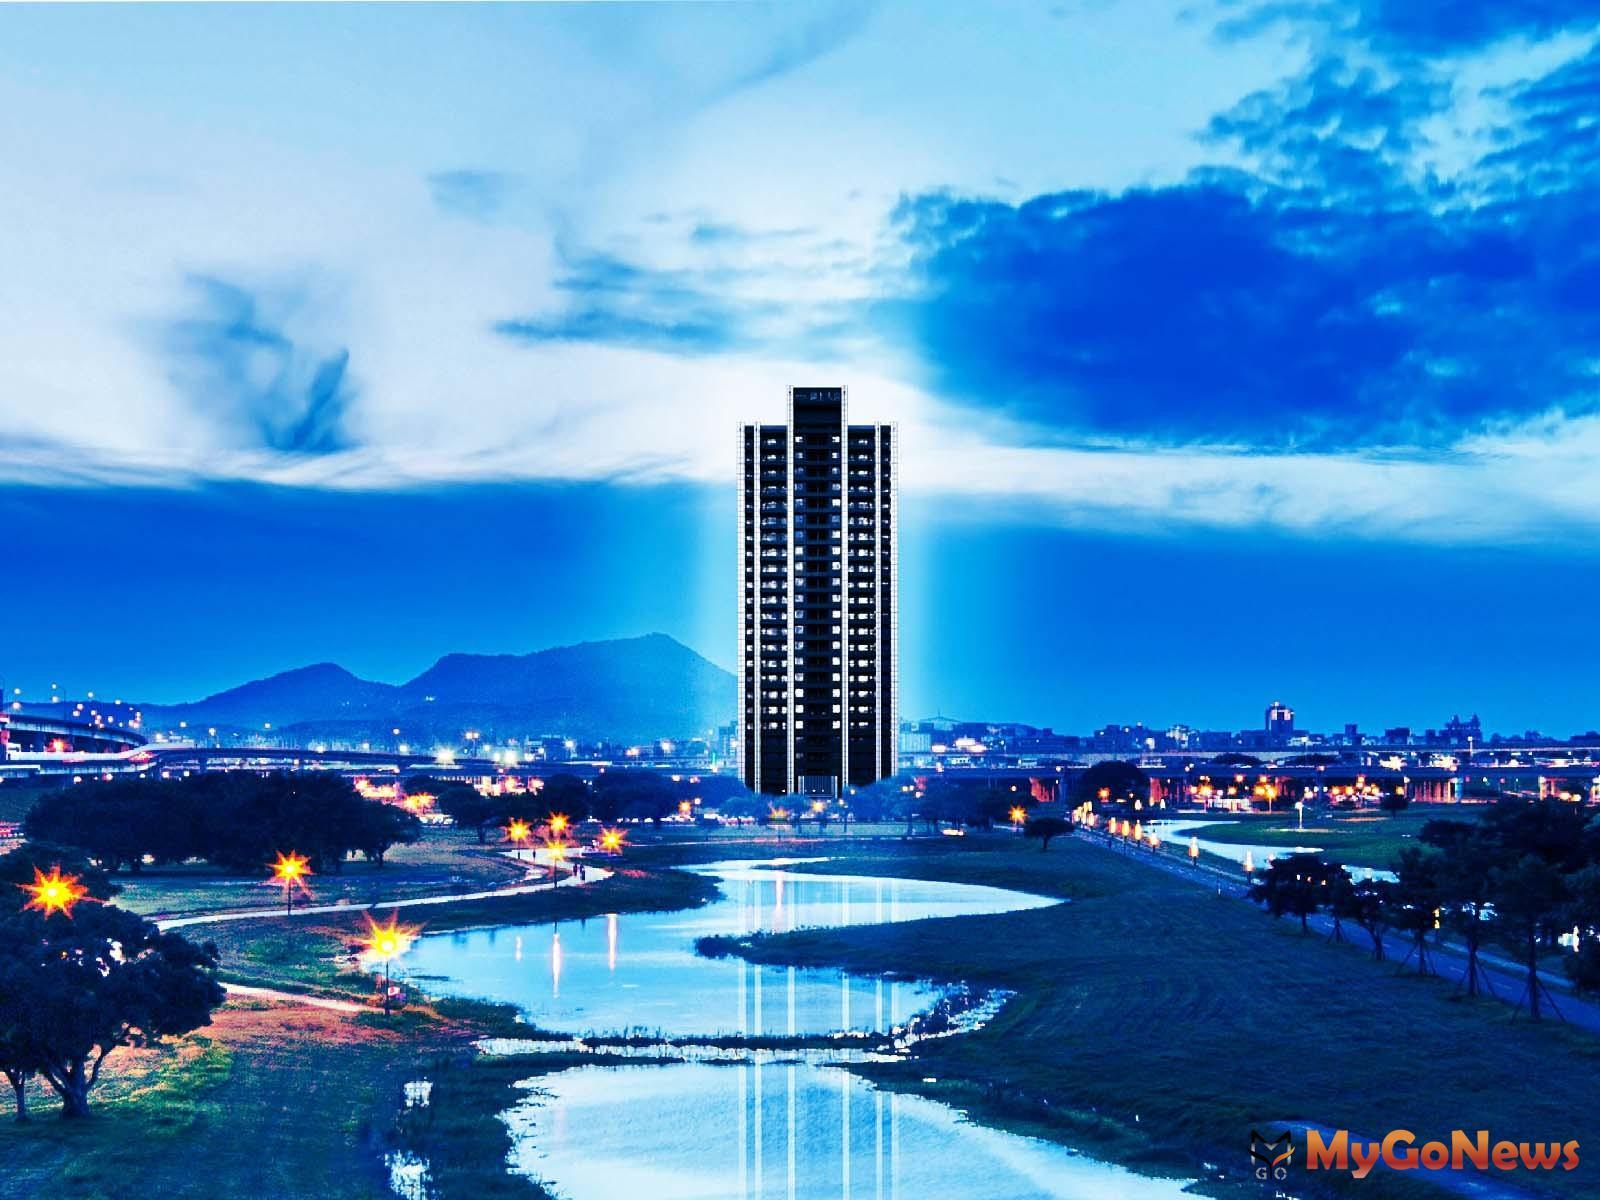 水岸綠地捷運一次到位,台北人超買單,「聯上大喜」面水岸、424公頃大都會公園第一排(圖:業者提供) MyGoNews房地產新聞 熱銷推案